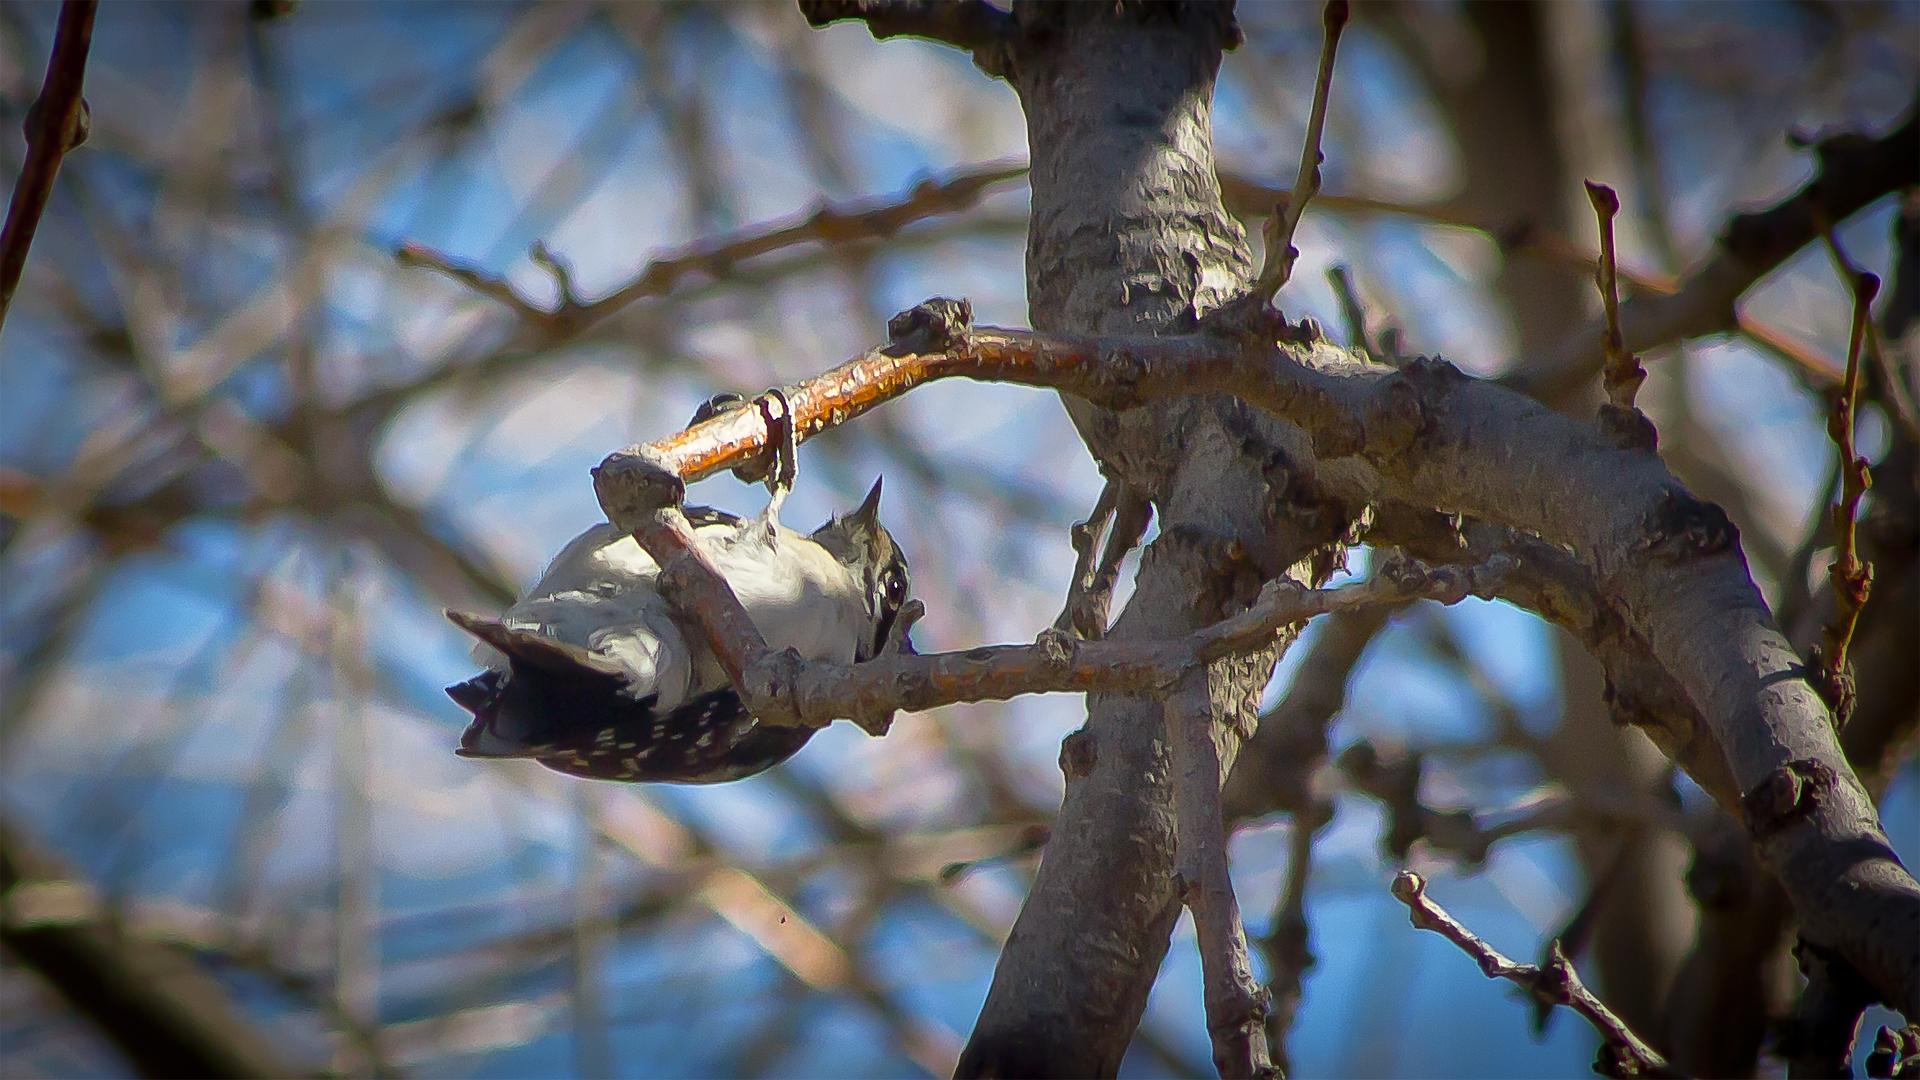 Upside Down Woodpecker